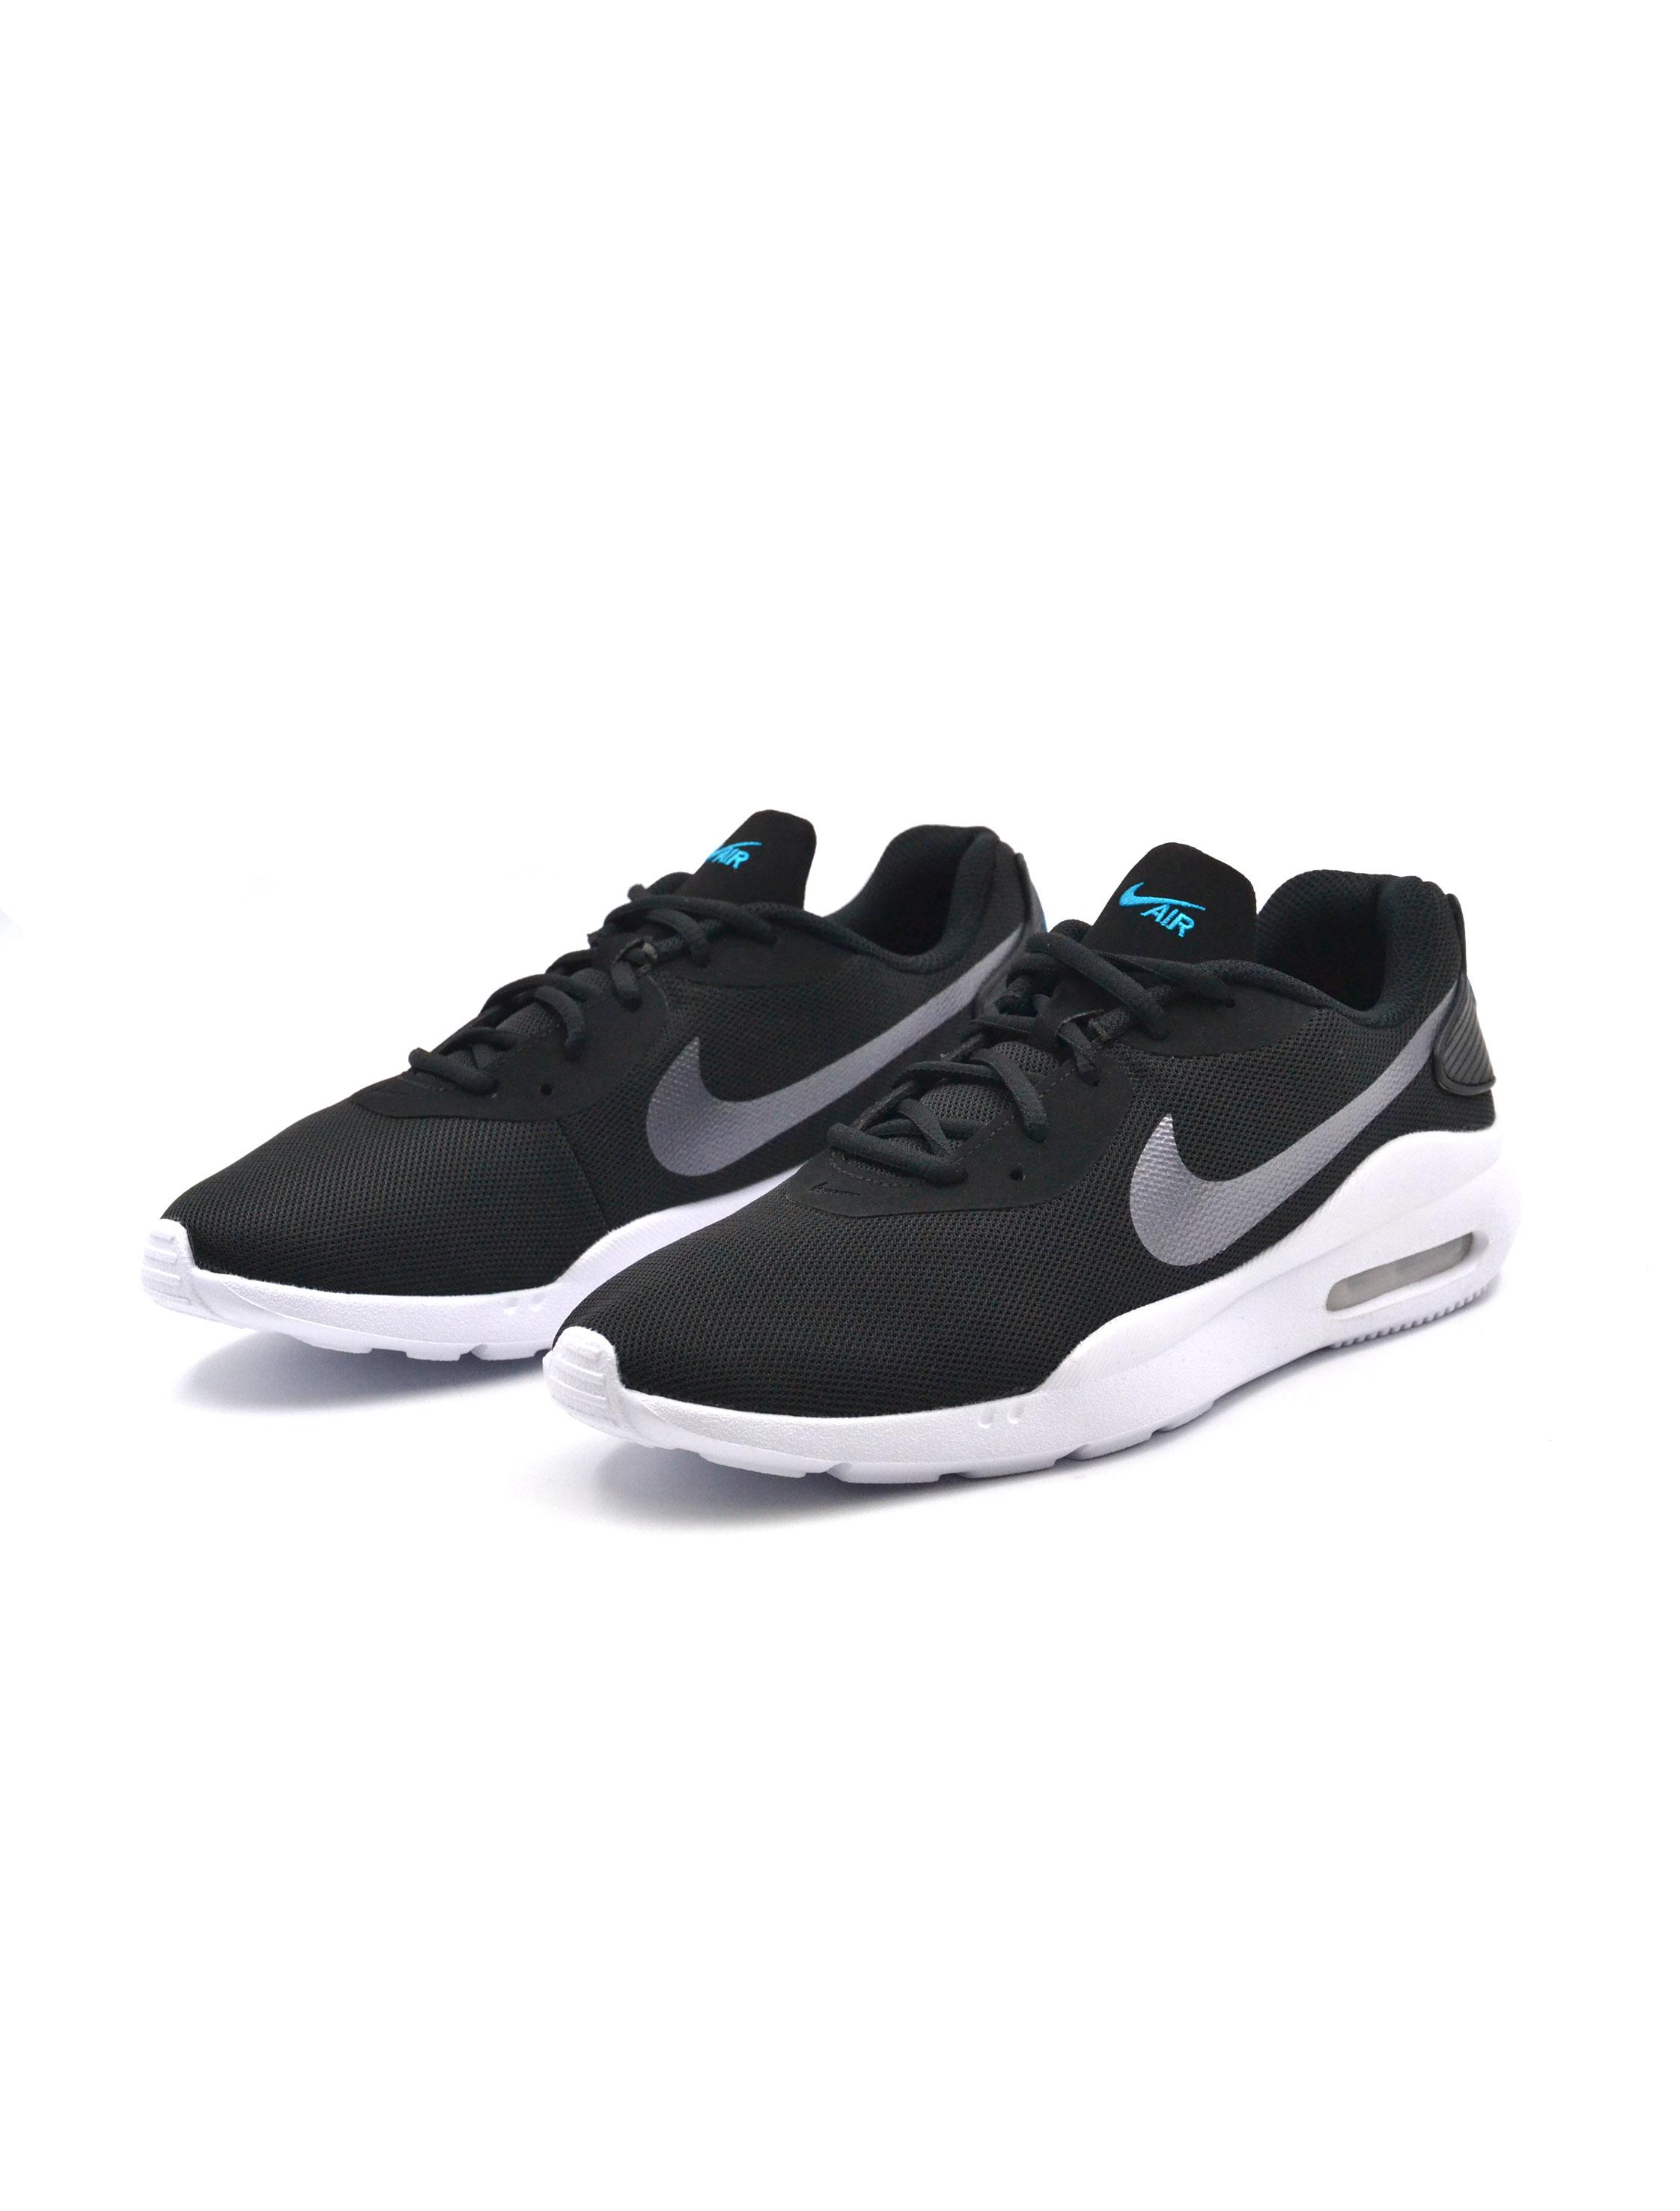 Nike air max oketo sneaker da uomo, Sneakers brand, colore